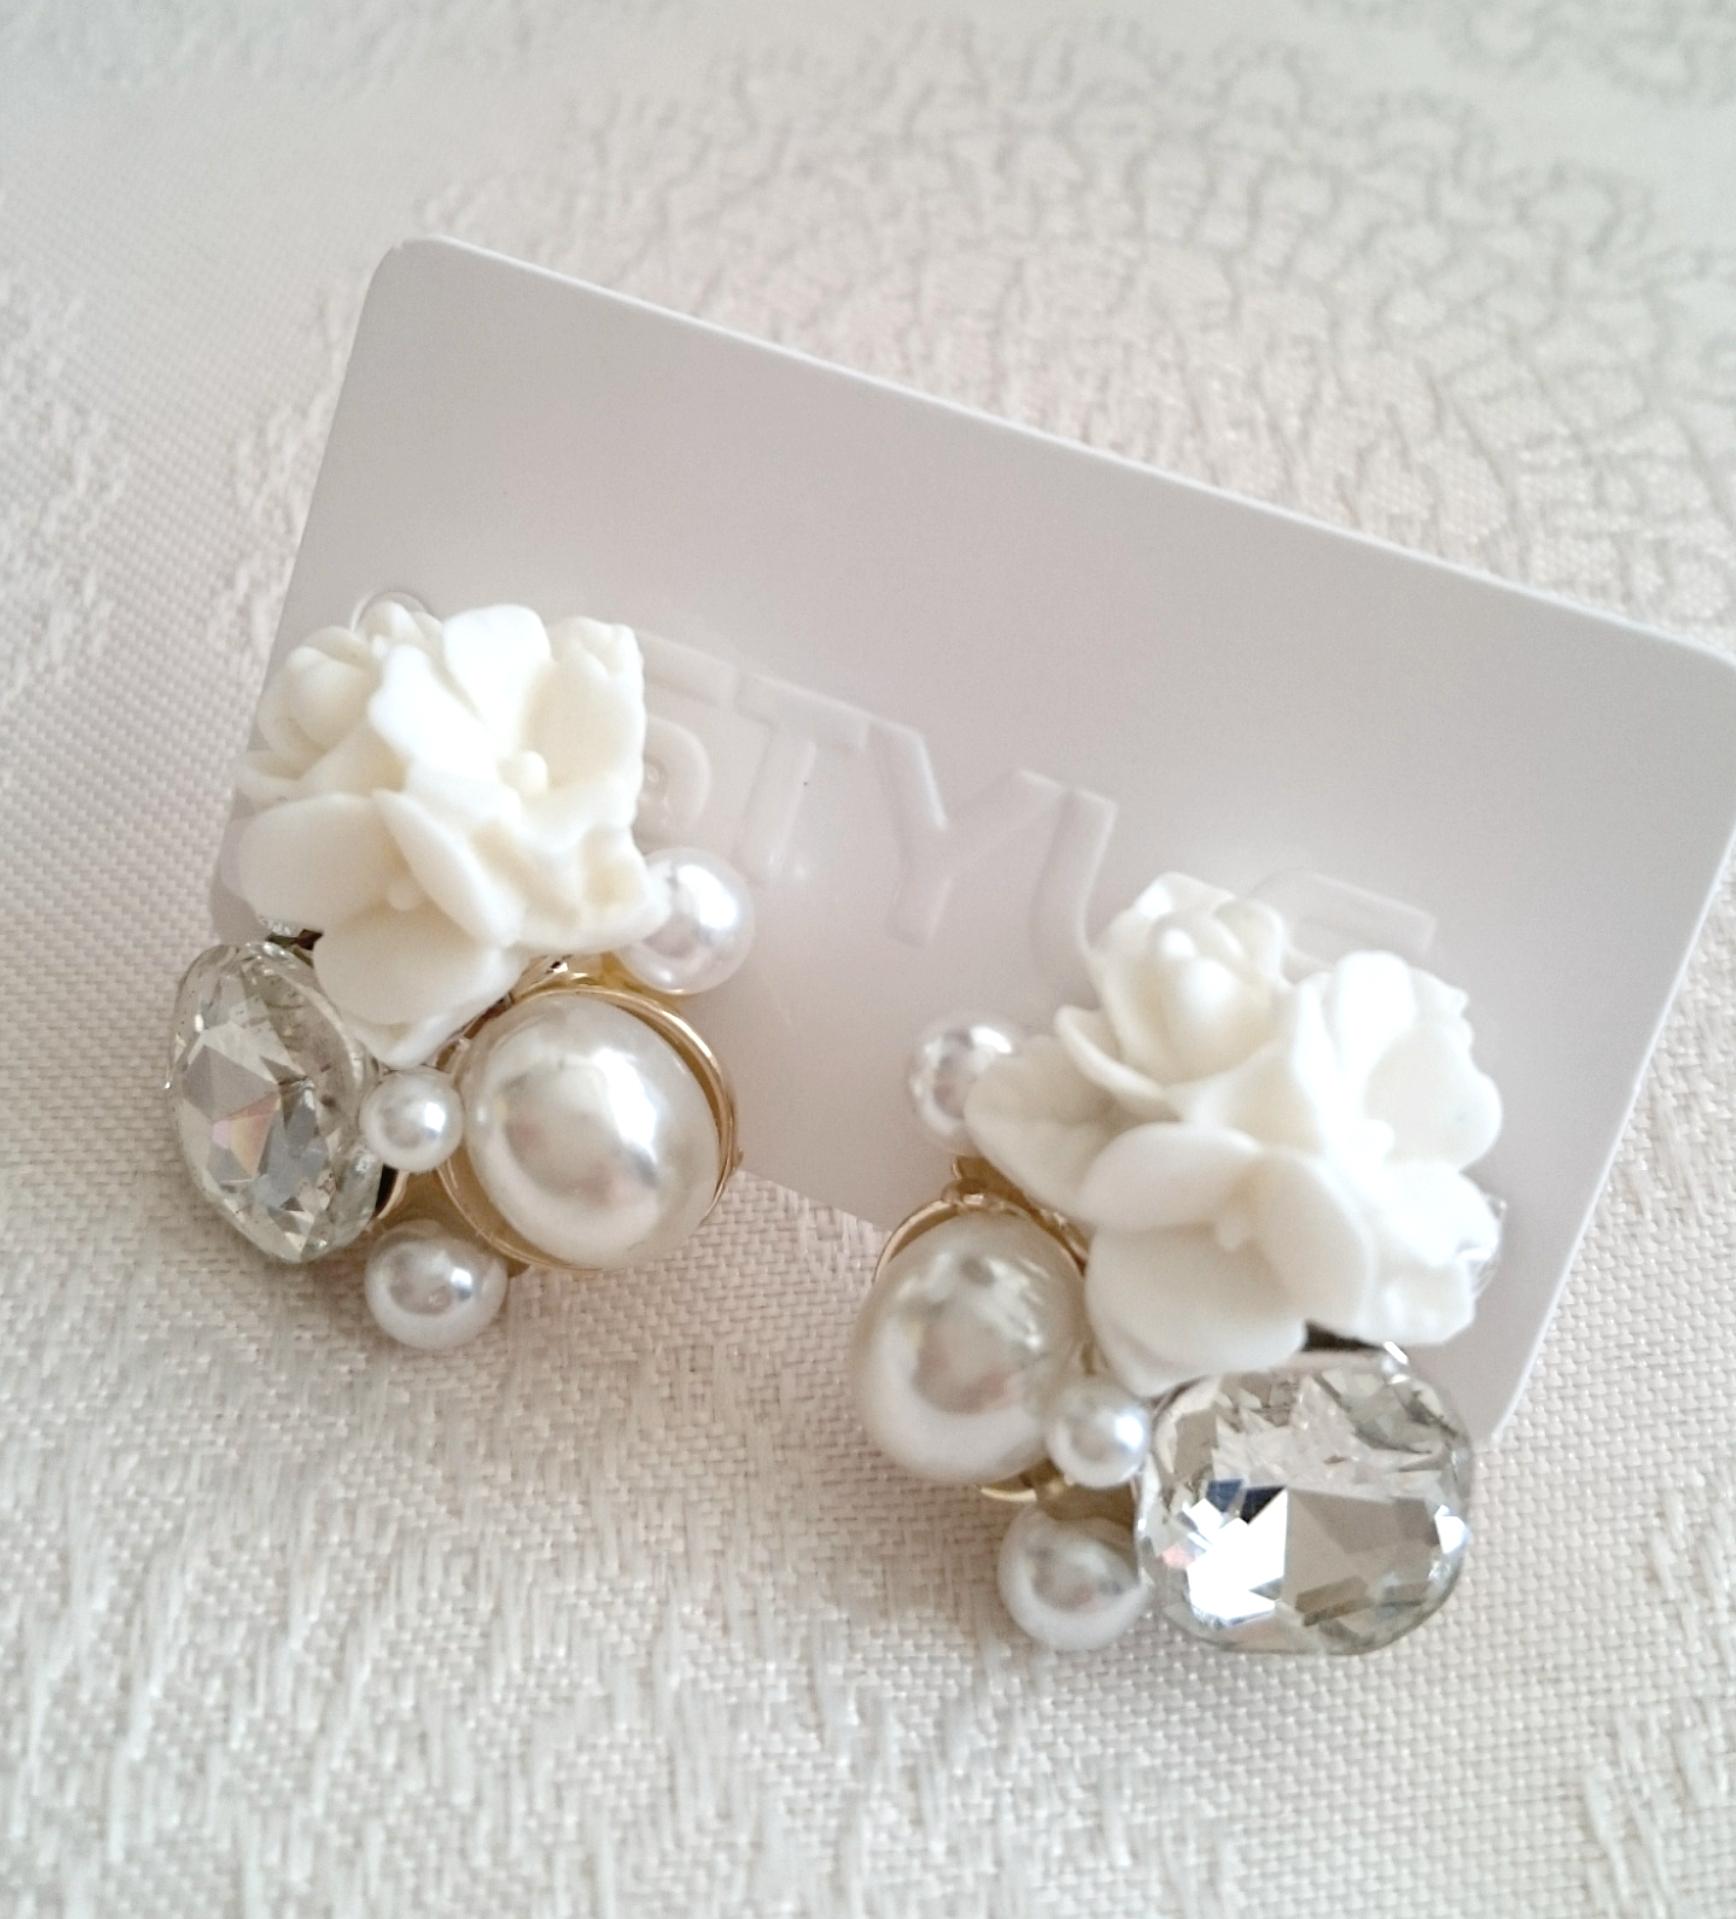 パールとお花のかわいいイヤリング